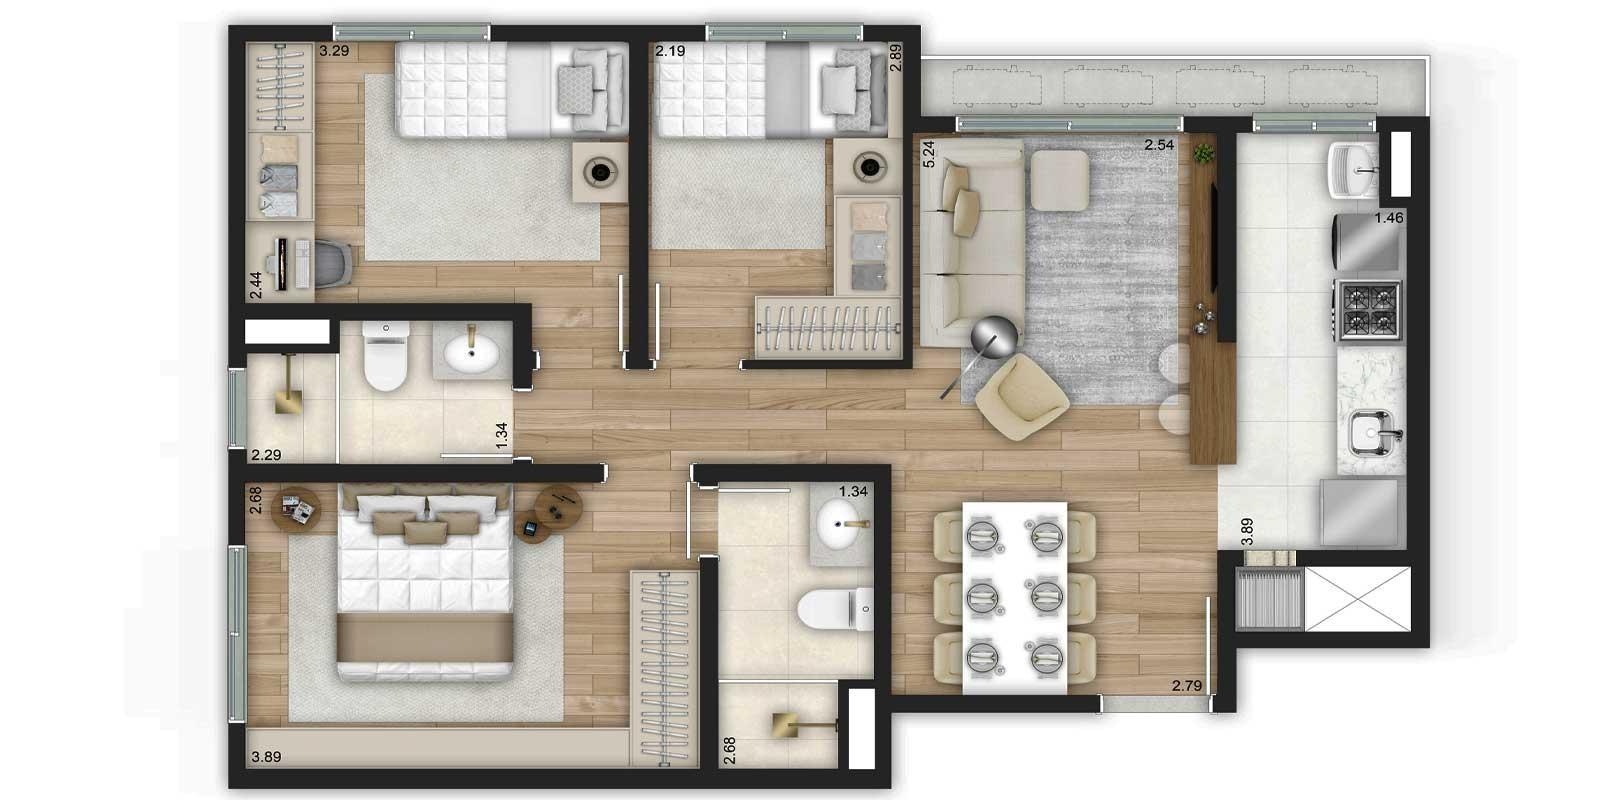 TPS Imóveis - Veja Foto 30 de 32 do Apartamentos de 2 e 3 dormitórios com suíte